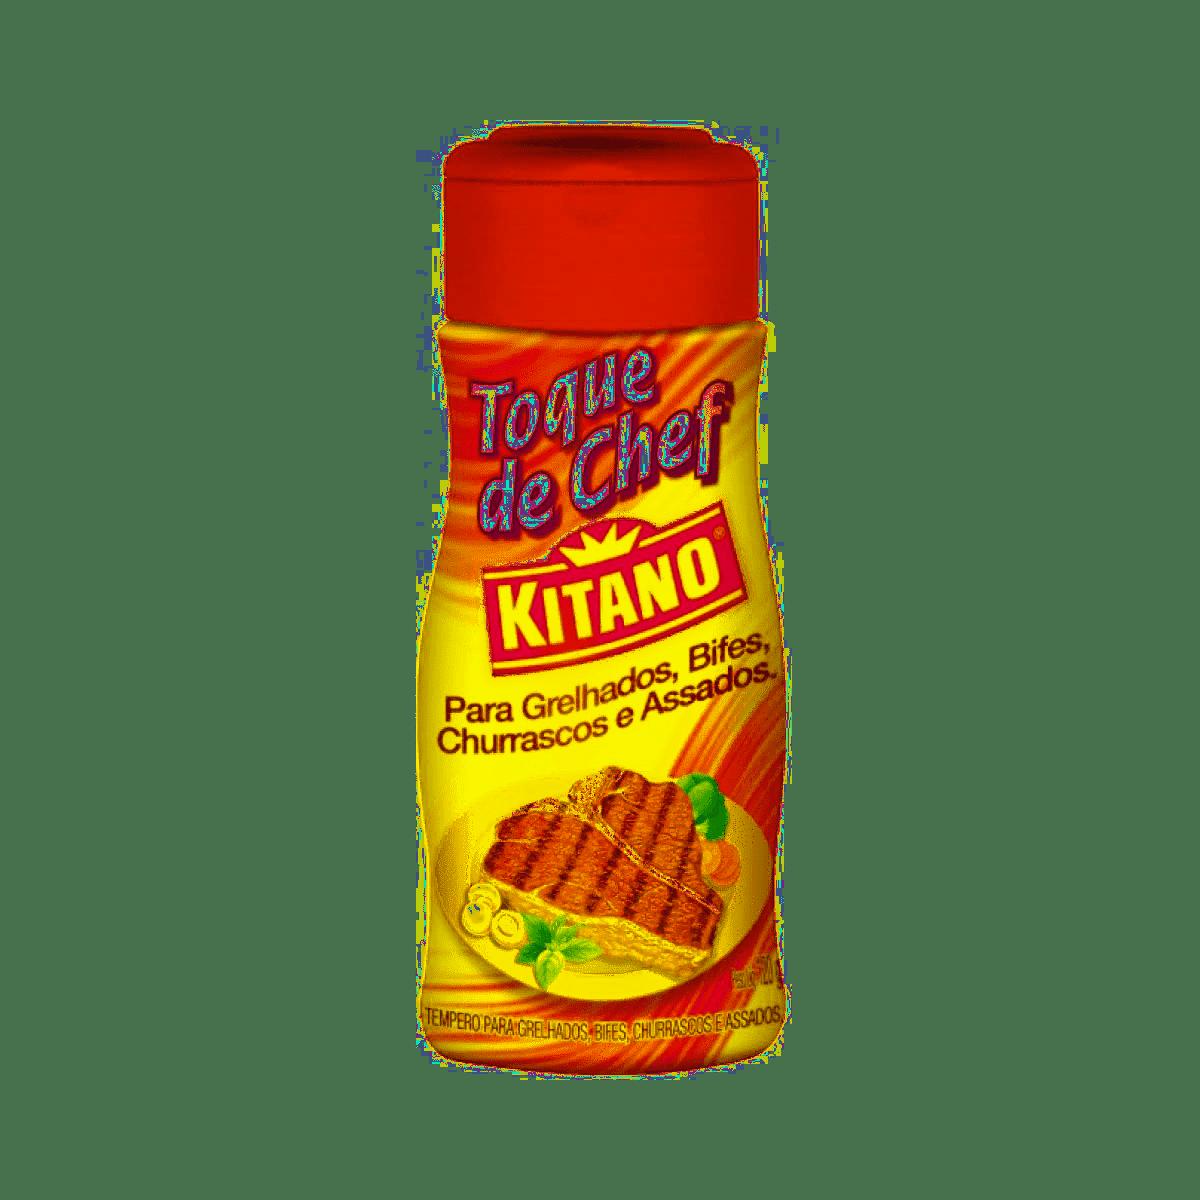 TOQUE DE CHEF KITANO GRELHADOS/BIFE/CHURRASCO 120G